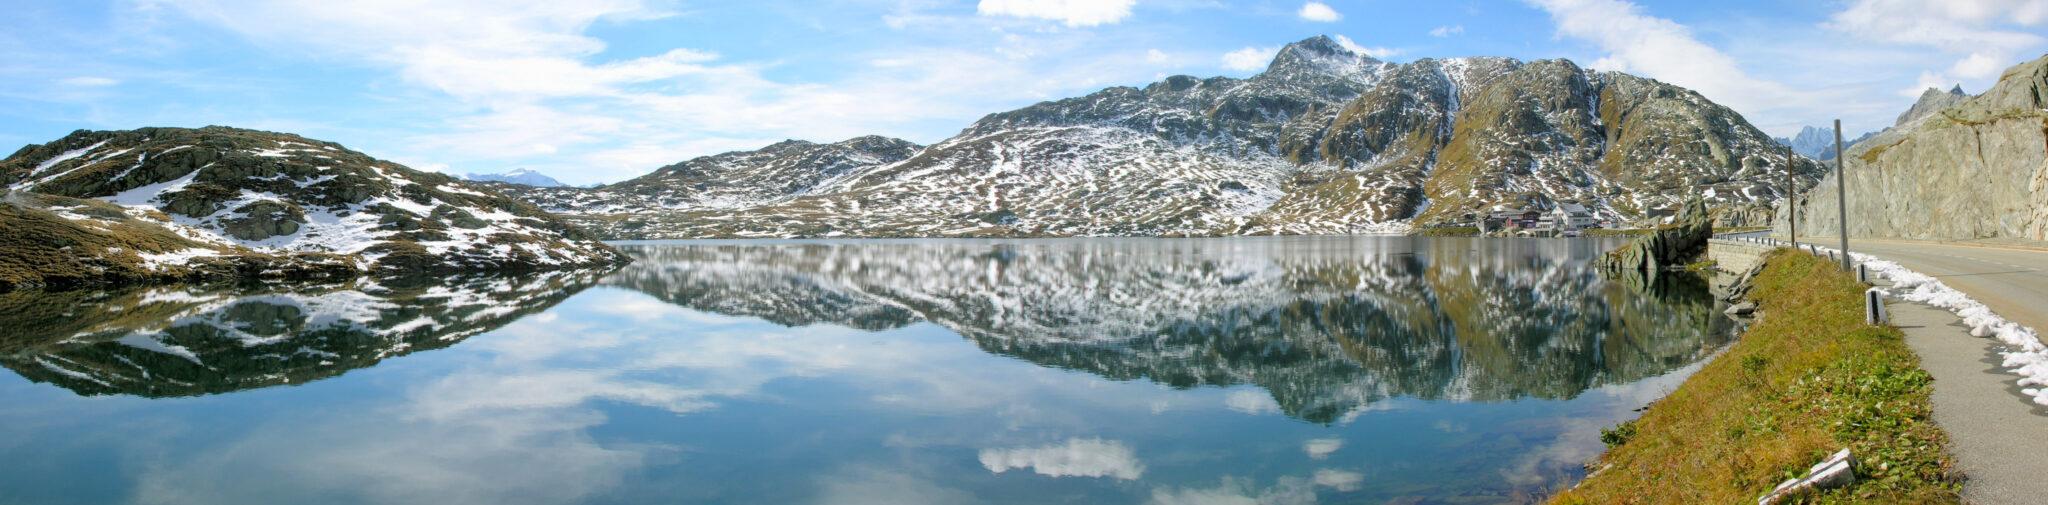 Der Totensee am Grimselpass.